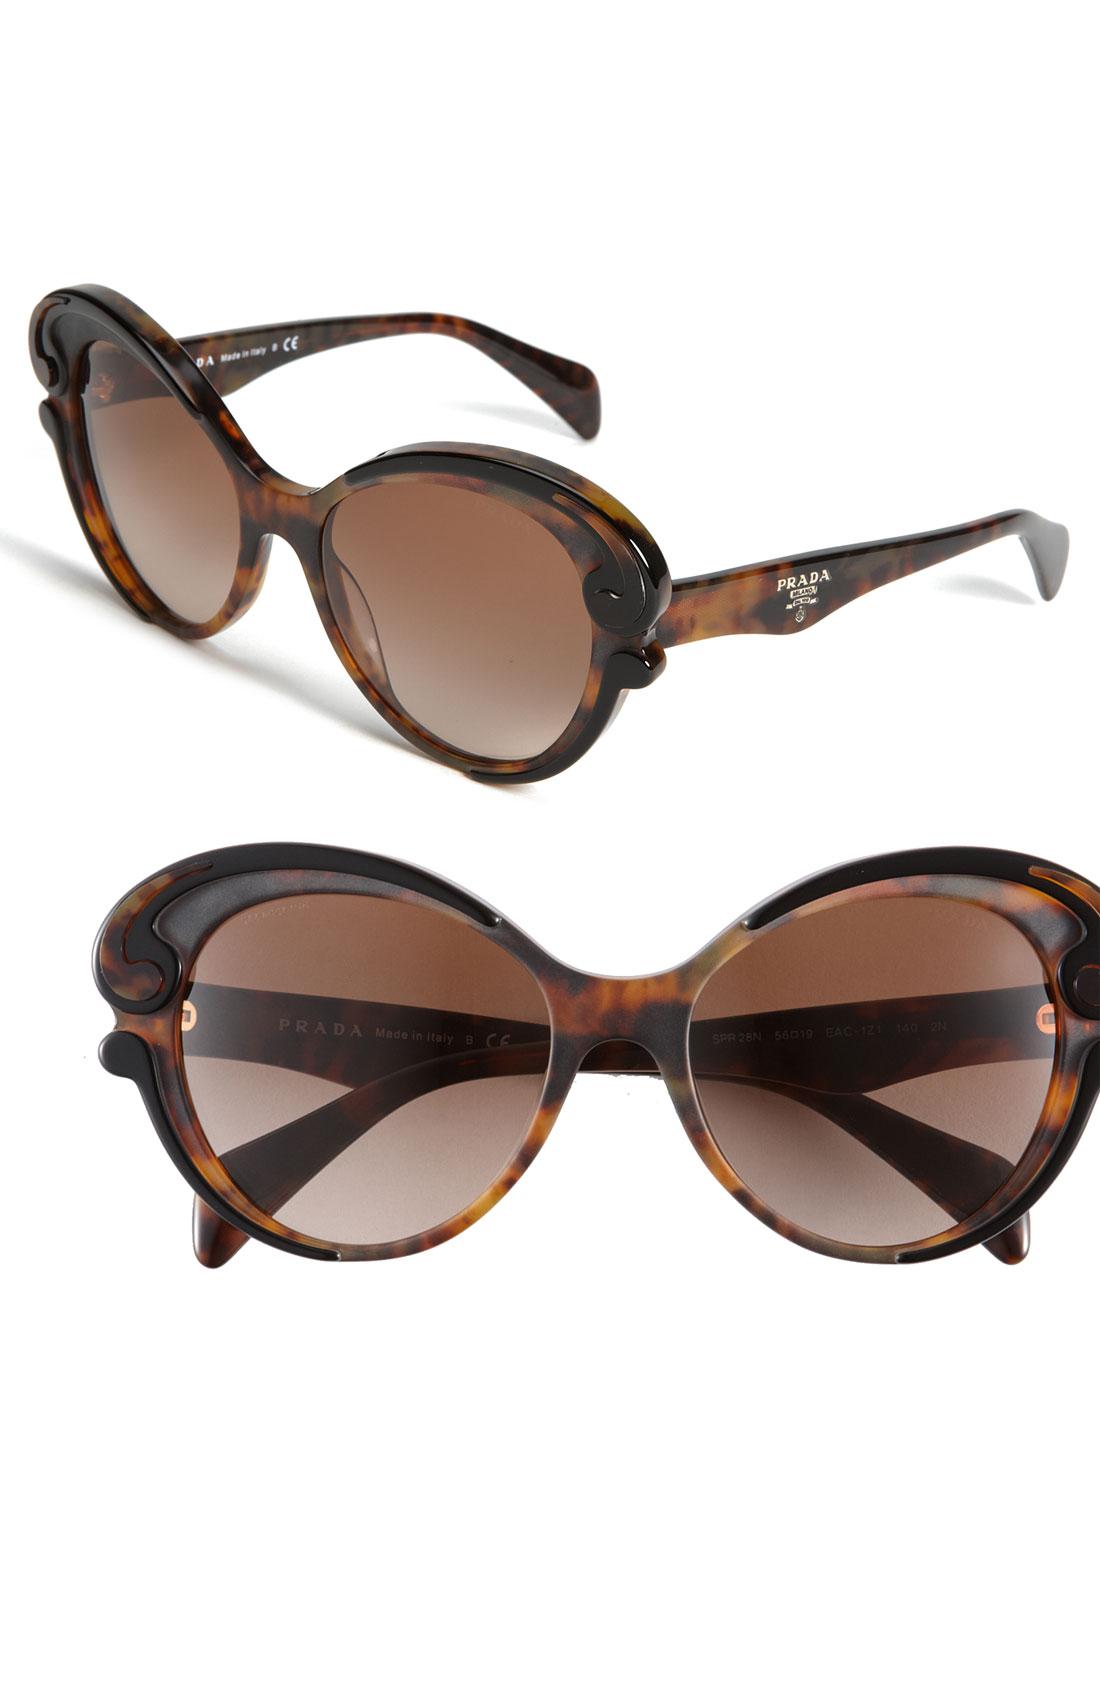 Prada Baroque Sunglasses Replica Philippines   David Simchi-Levi eb1e512407